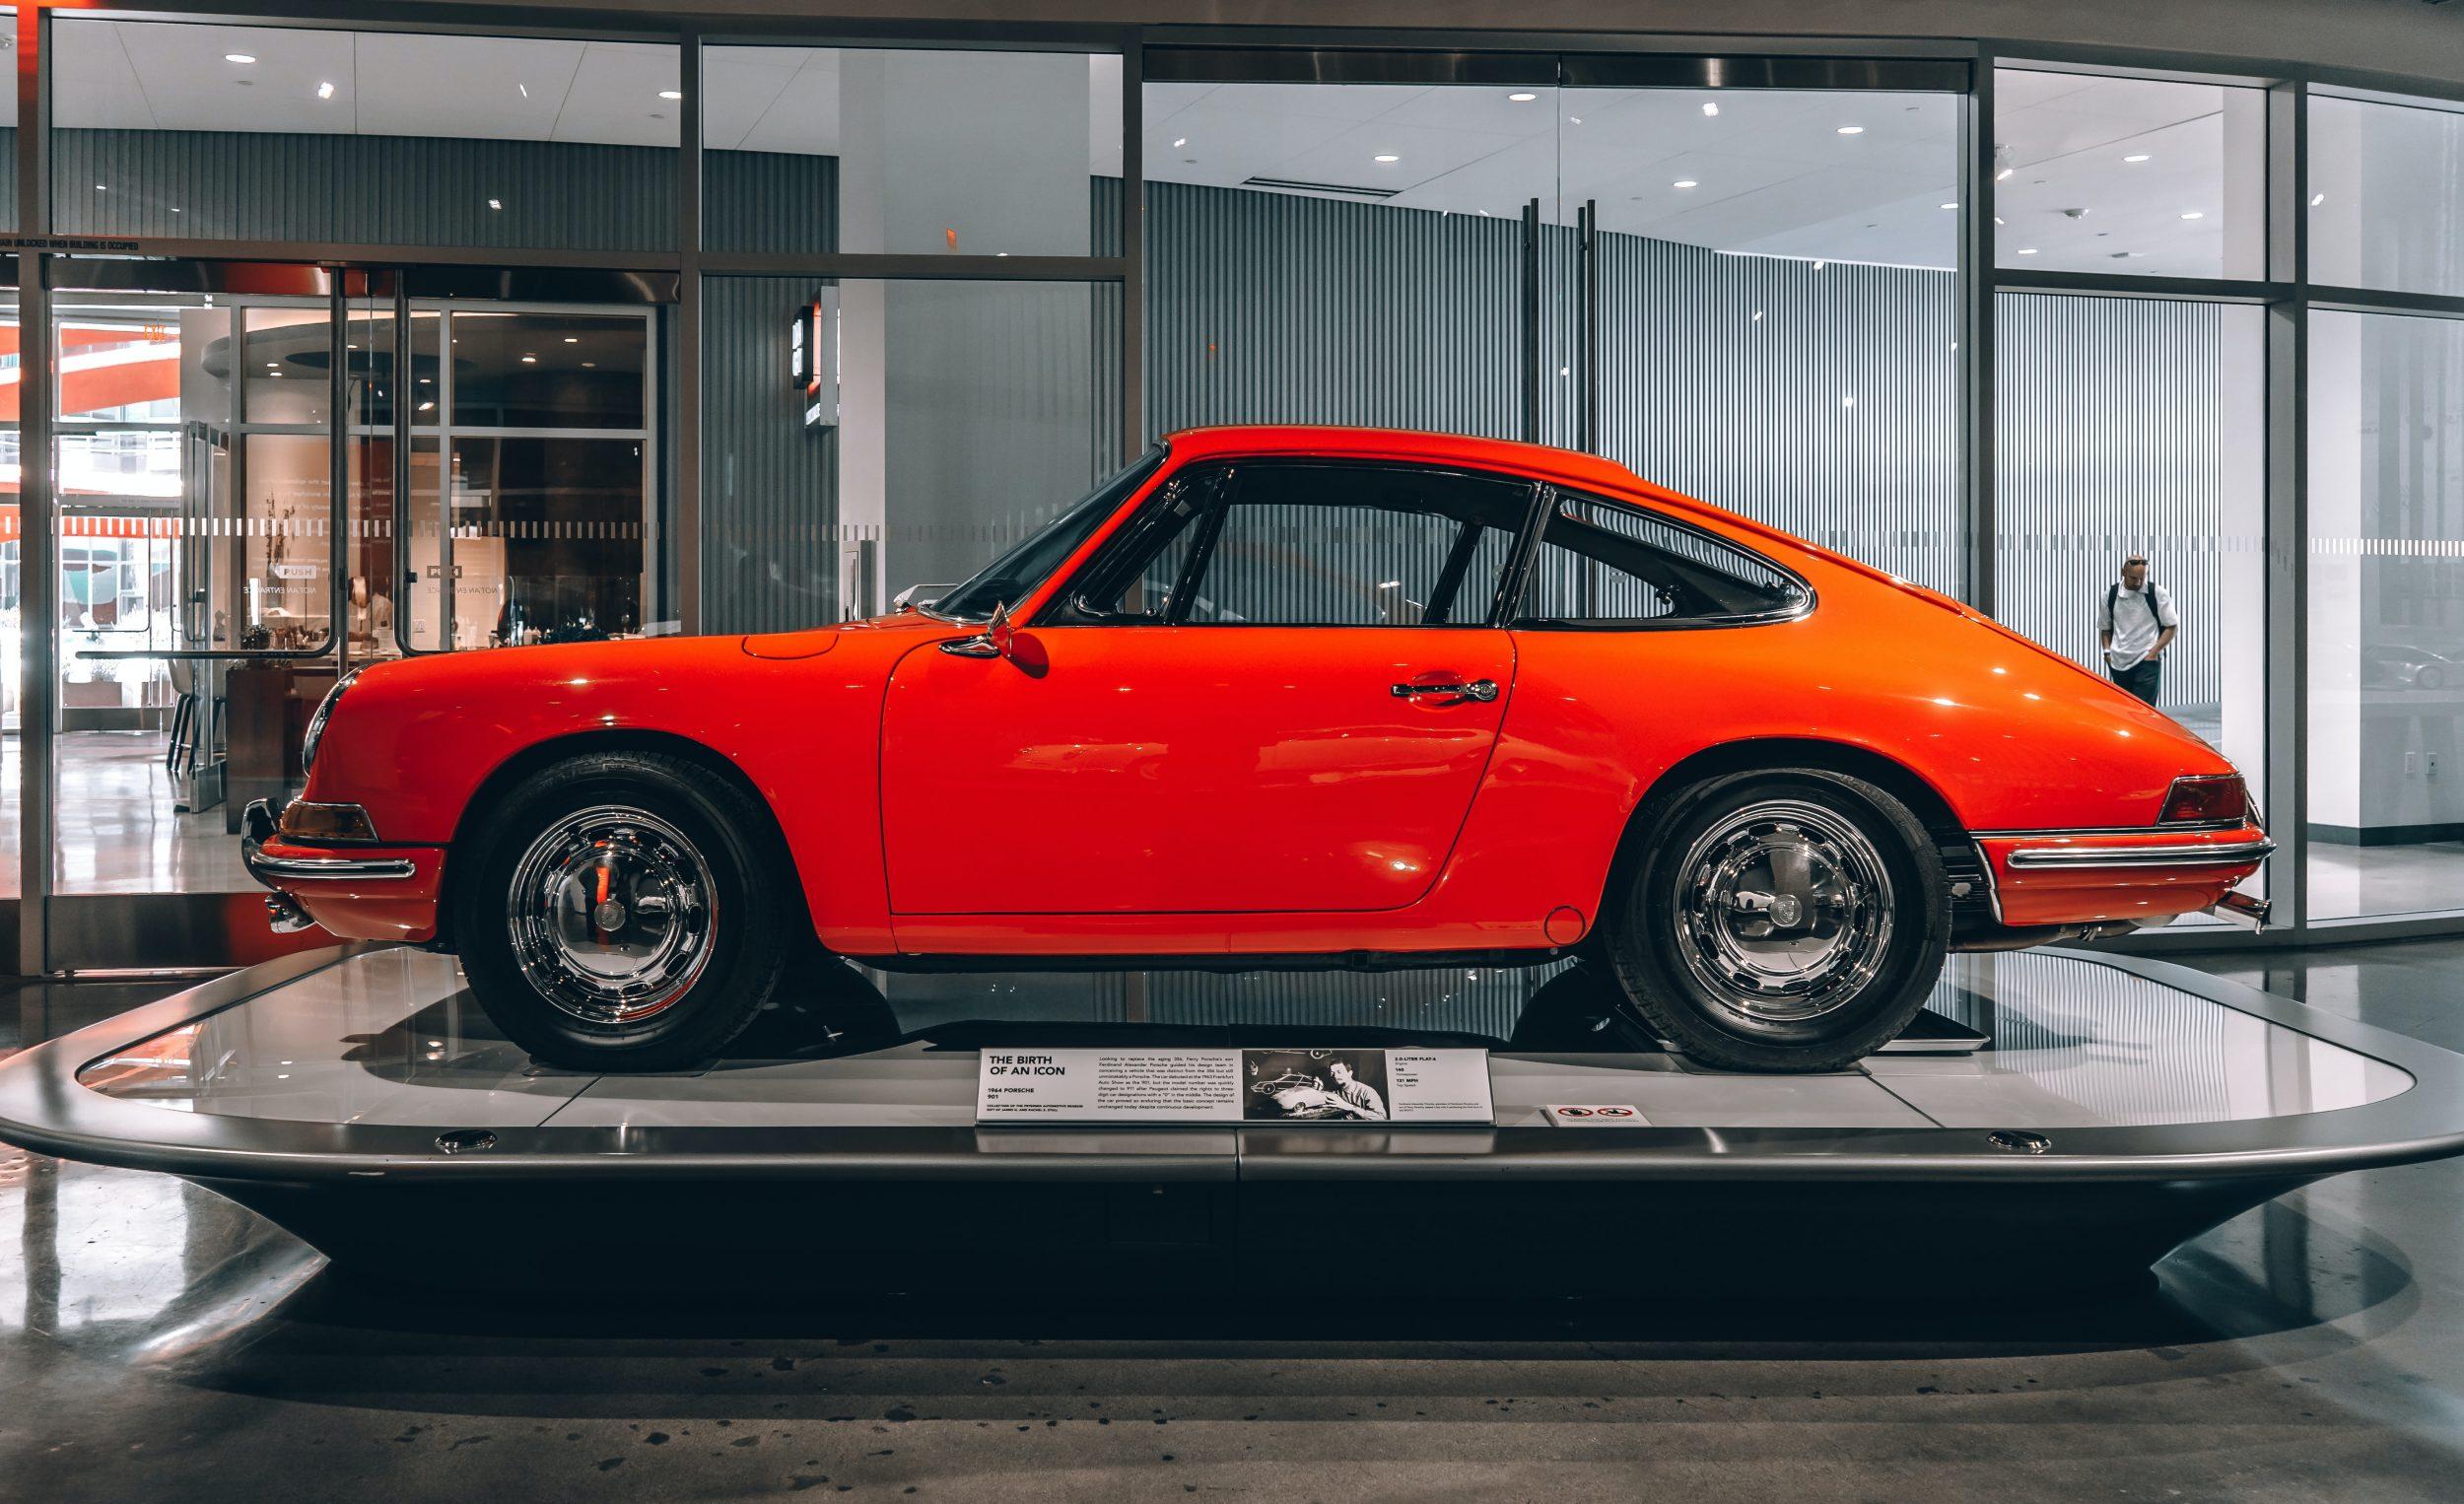 Legendary Porsche engineer Hans Mezger has passed away.